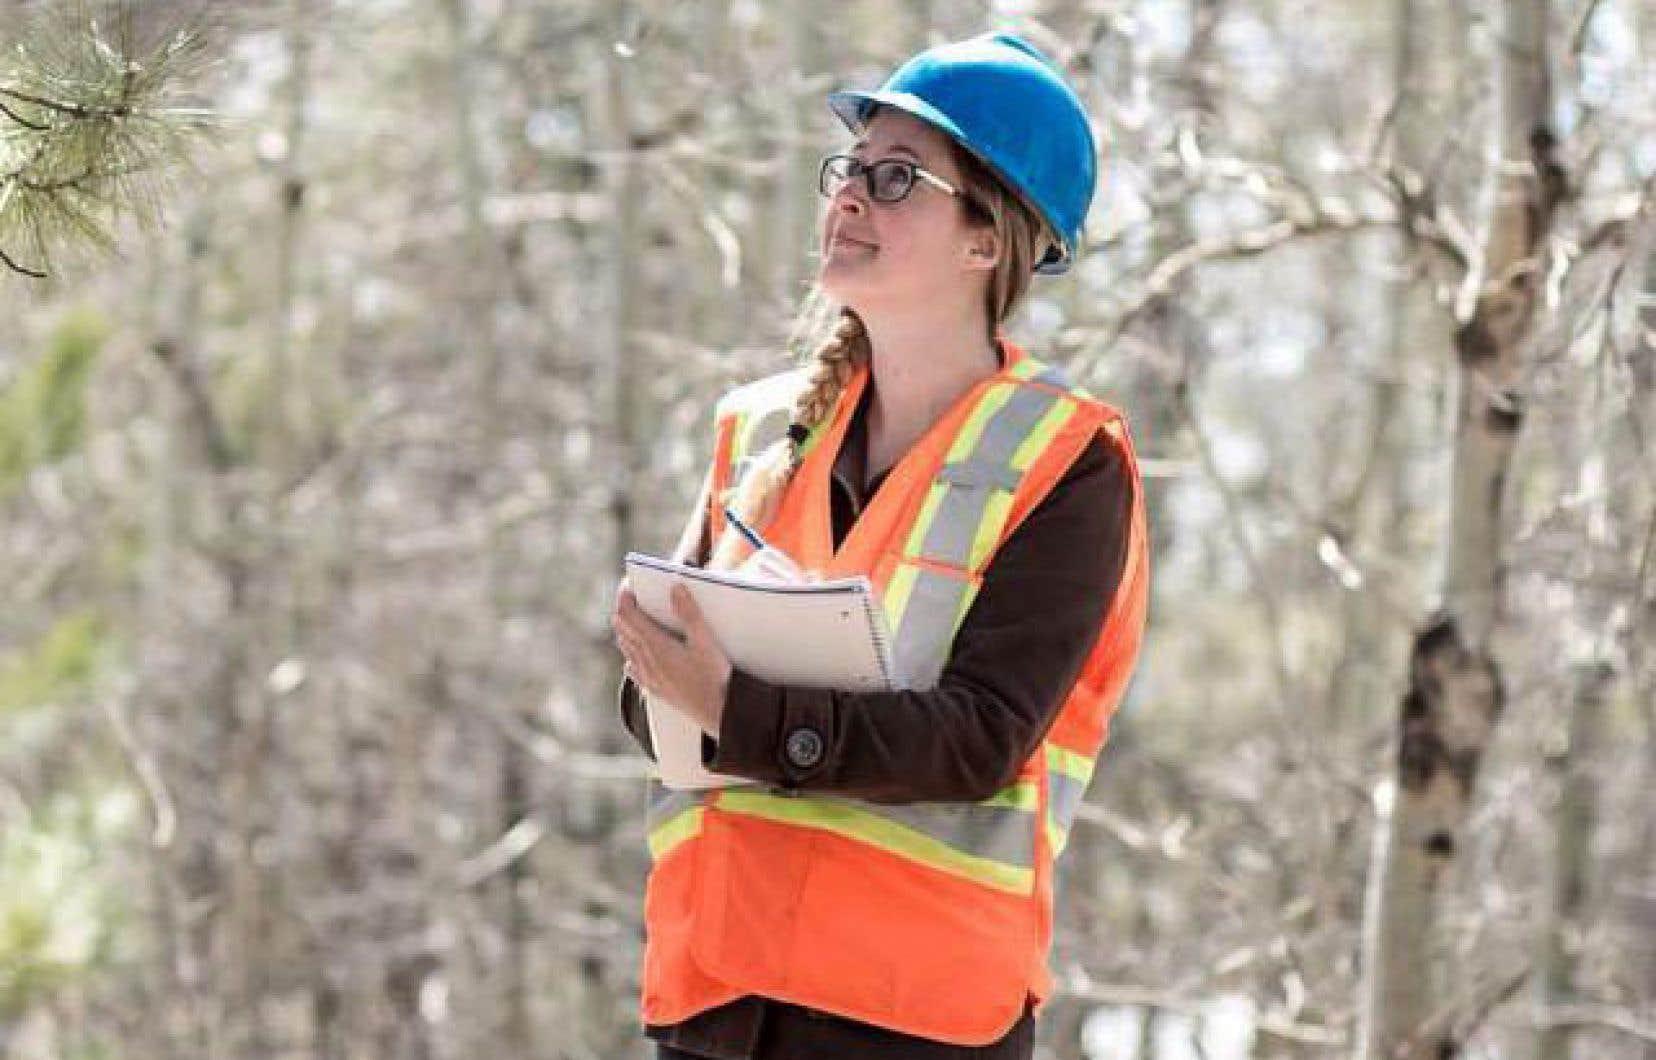 Les travaux de Joanie Caron pourraient permettre aux communautés autochtones un meilleur accès à l'emploi dans le secteur minier et mieux outiller ces entreprises dans leur gestion de la diversité culturelle.